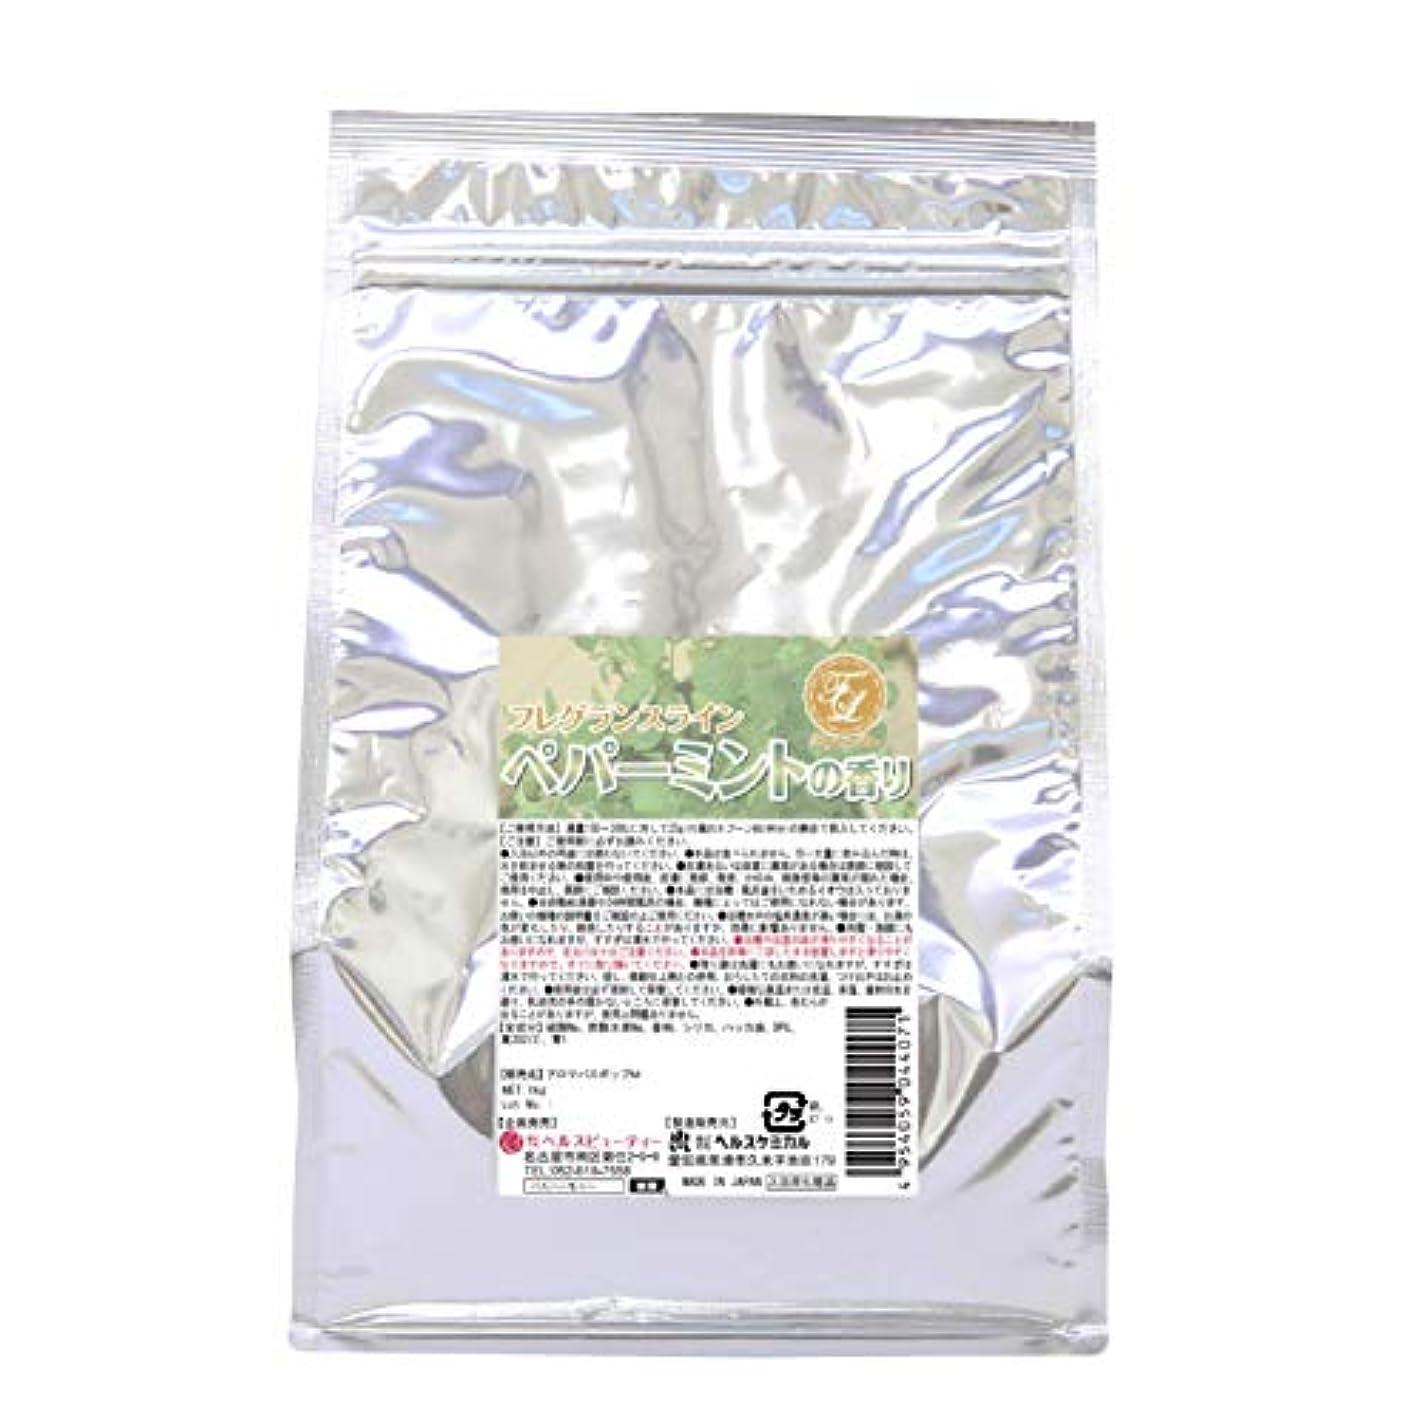 パイプ魅力的致命的入浴剤 湯匠仕込 ペパーミントの香り 1kg 50回分 お徳用